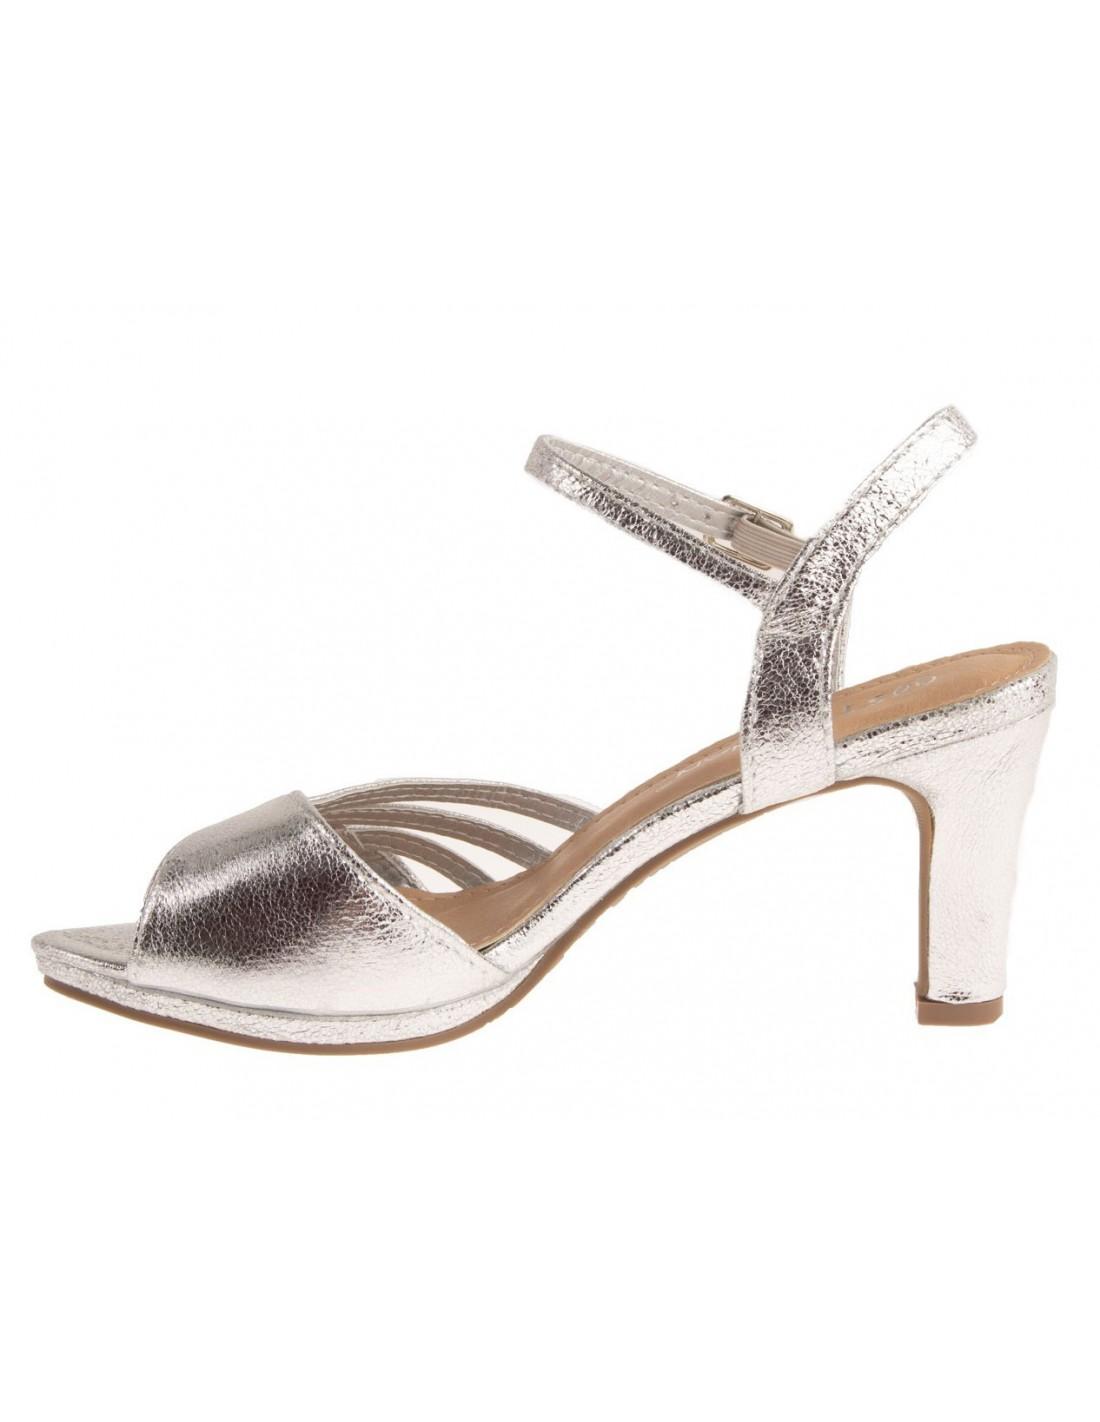 Chaussures mariage femme argentées brillantes à petit talon